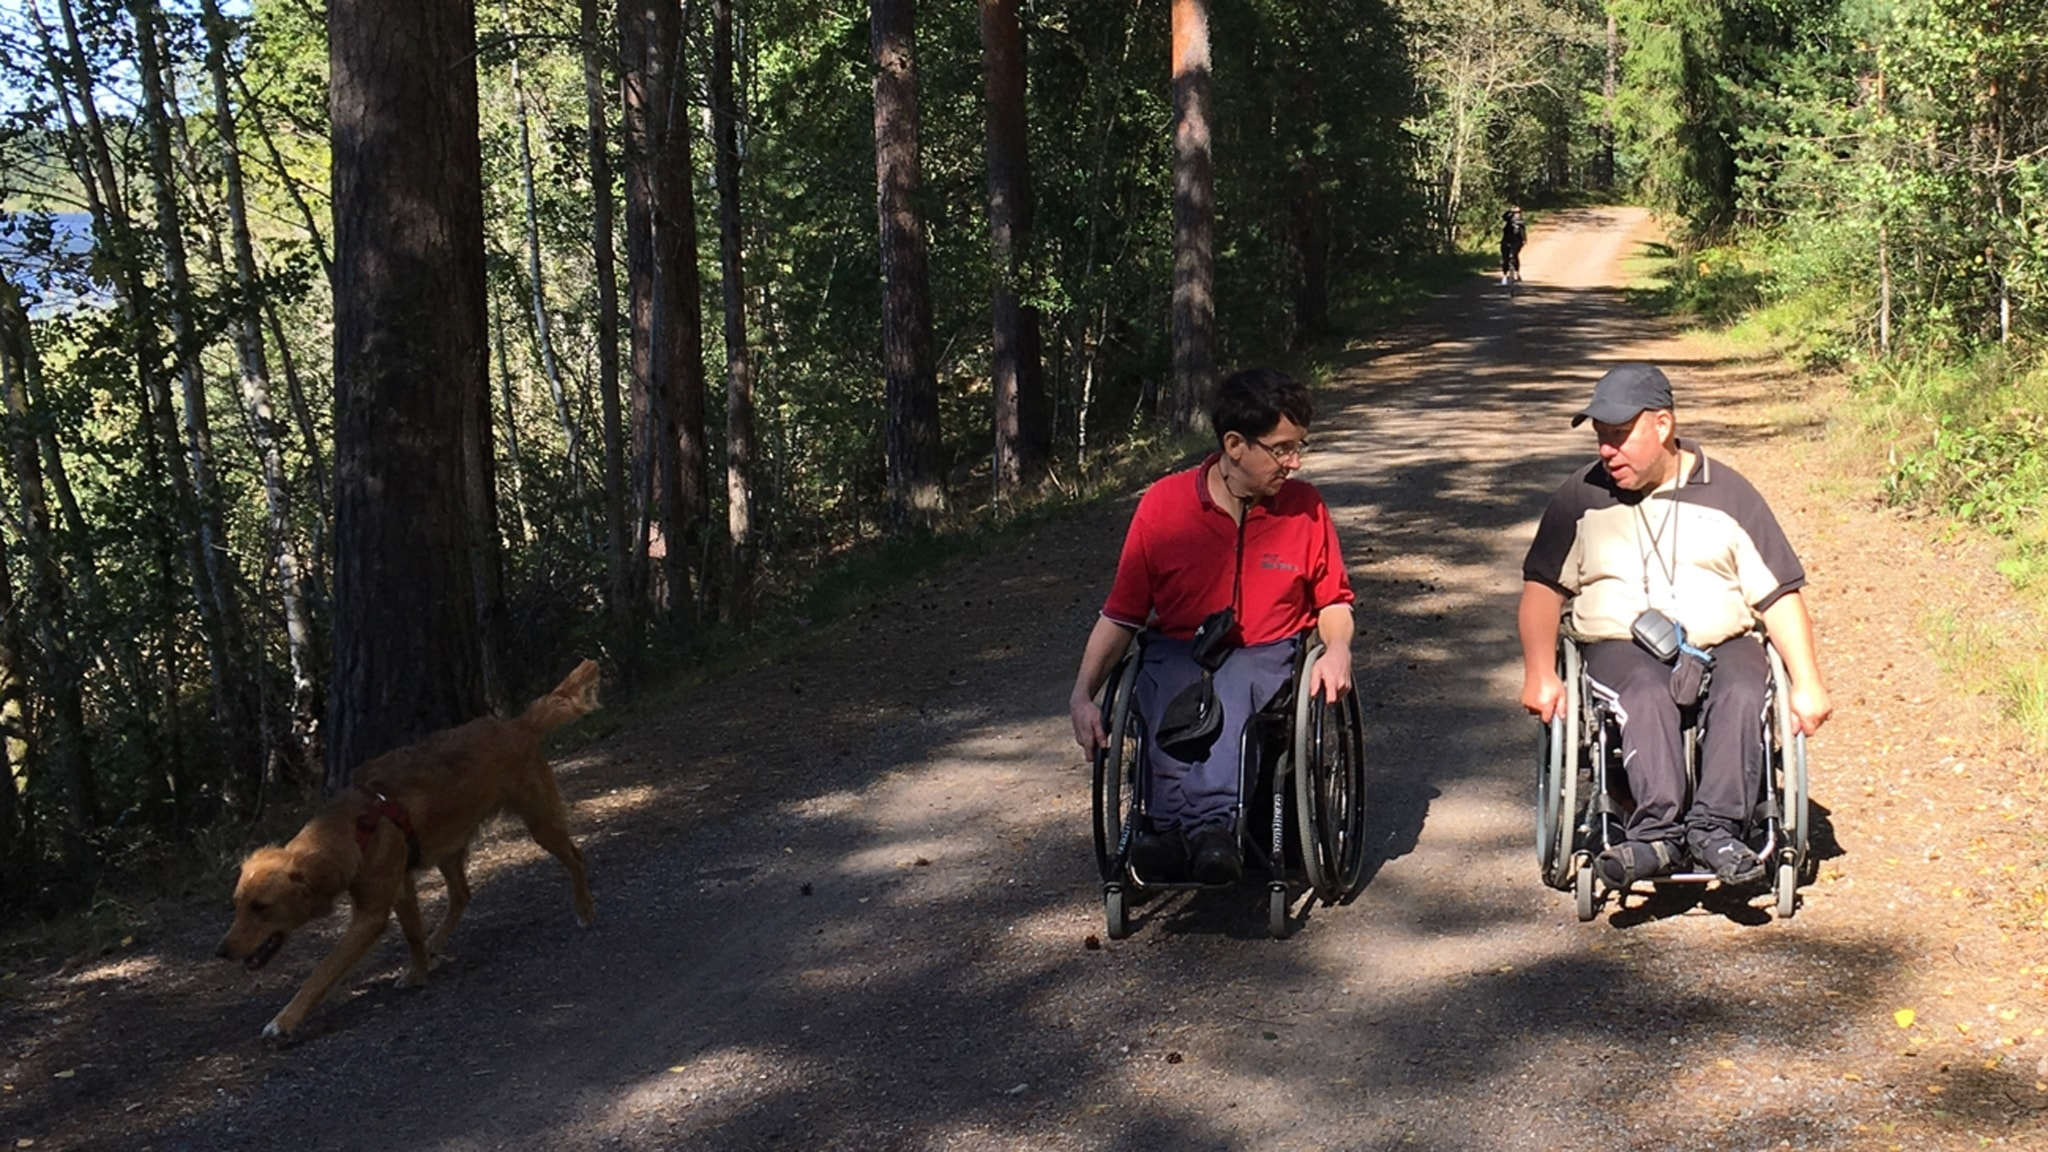 På tur med rullstol och hur en triangel kan vara räddare i nöden